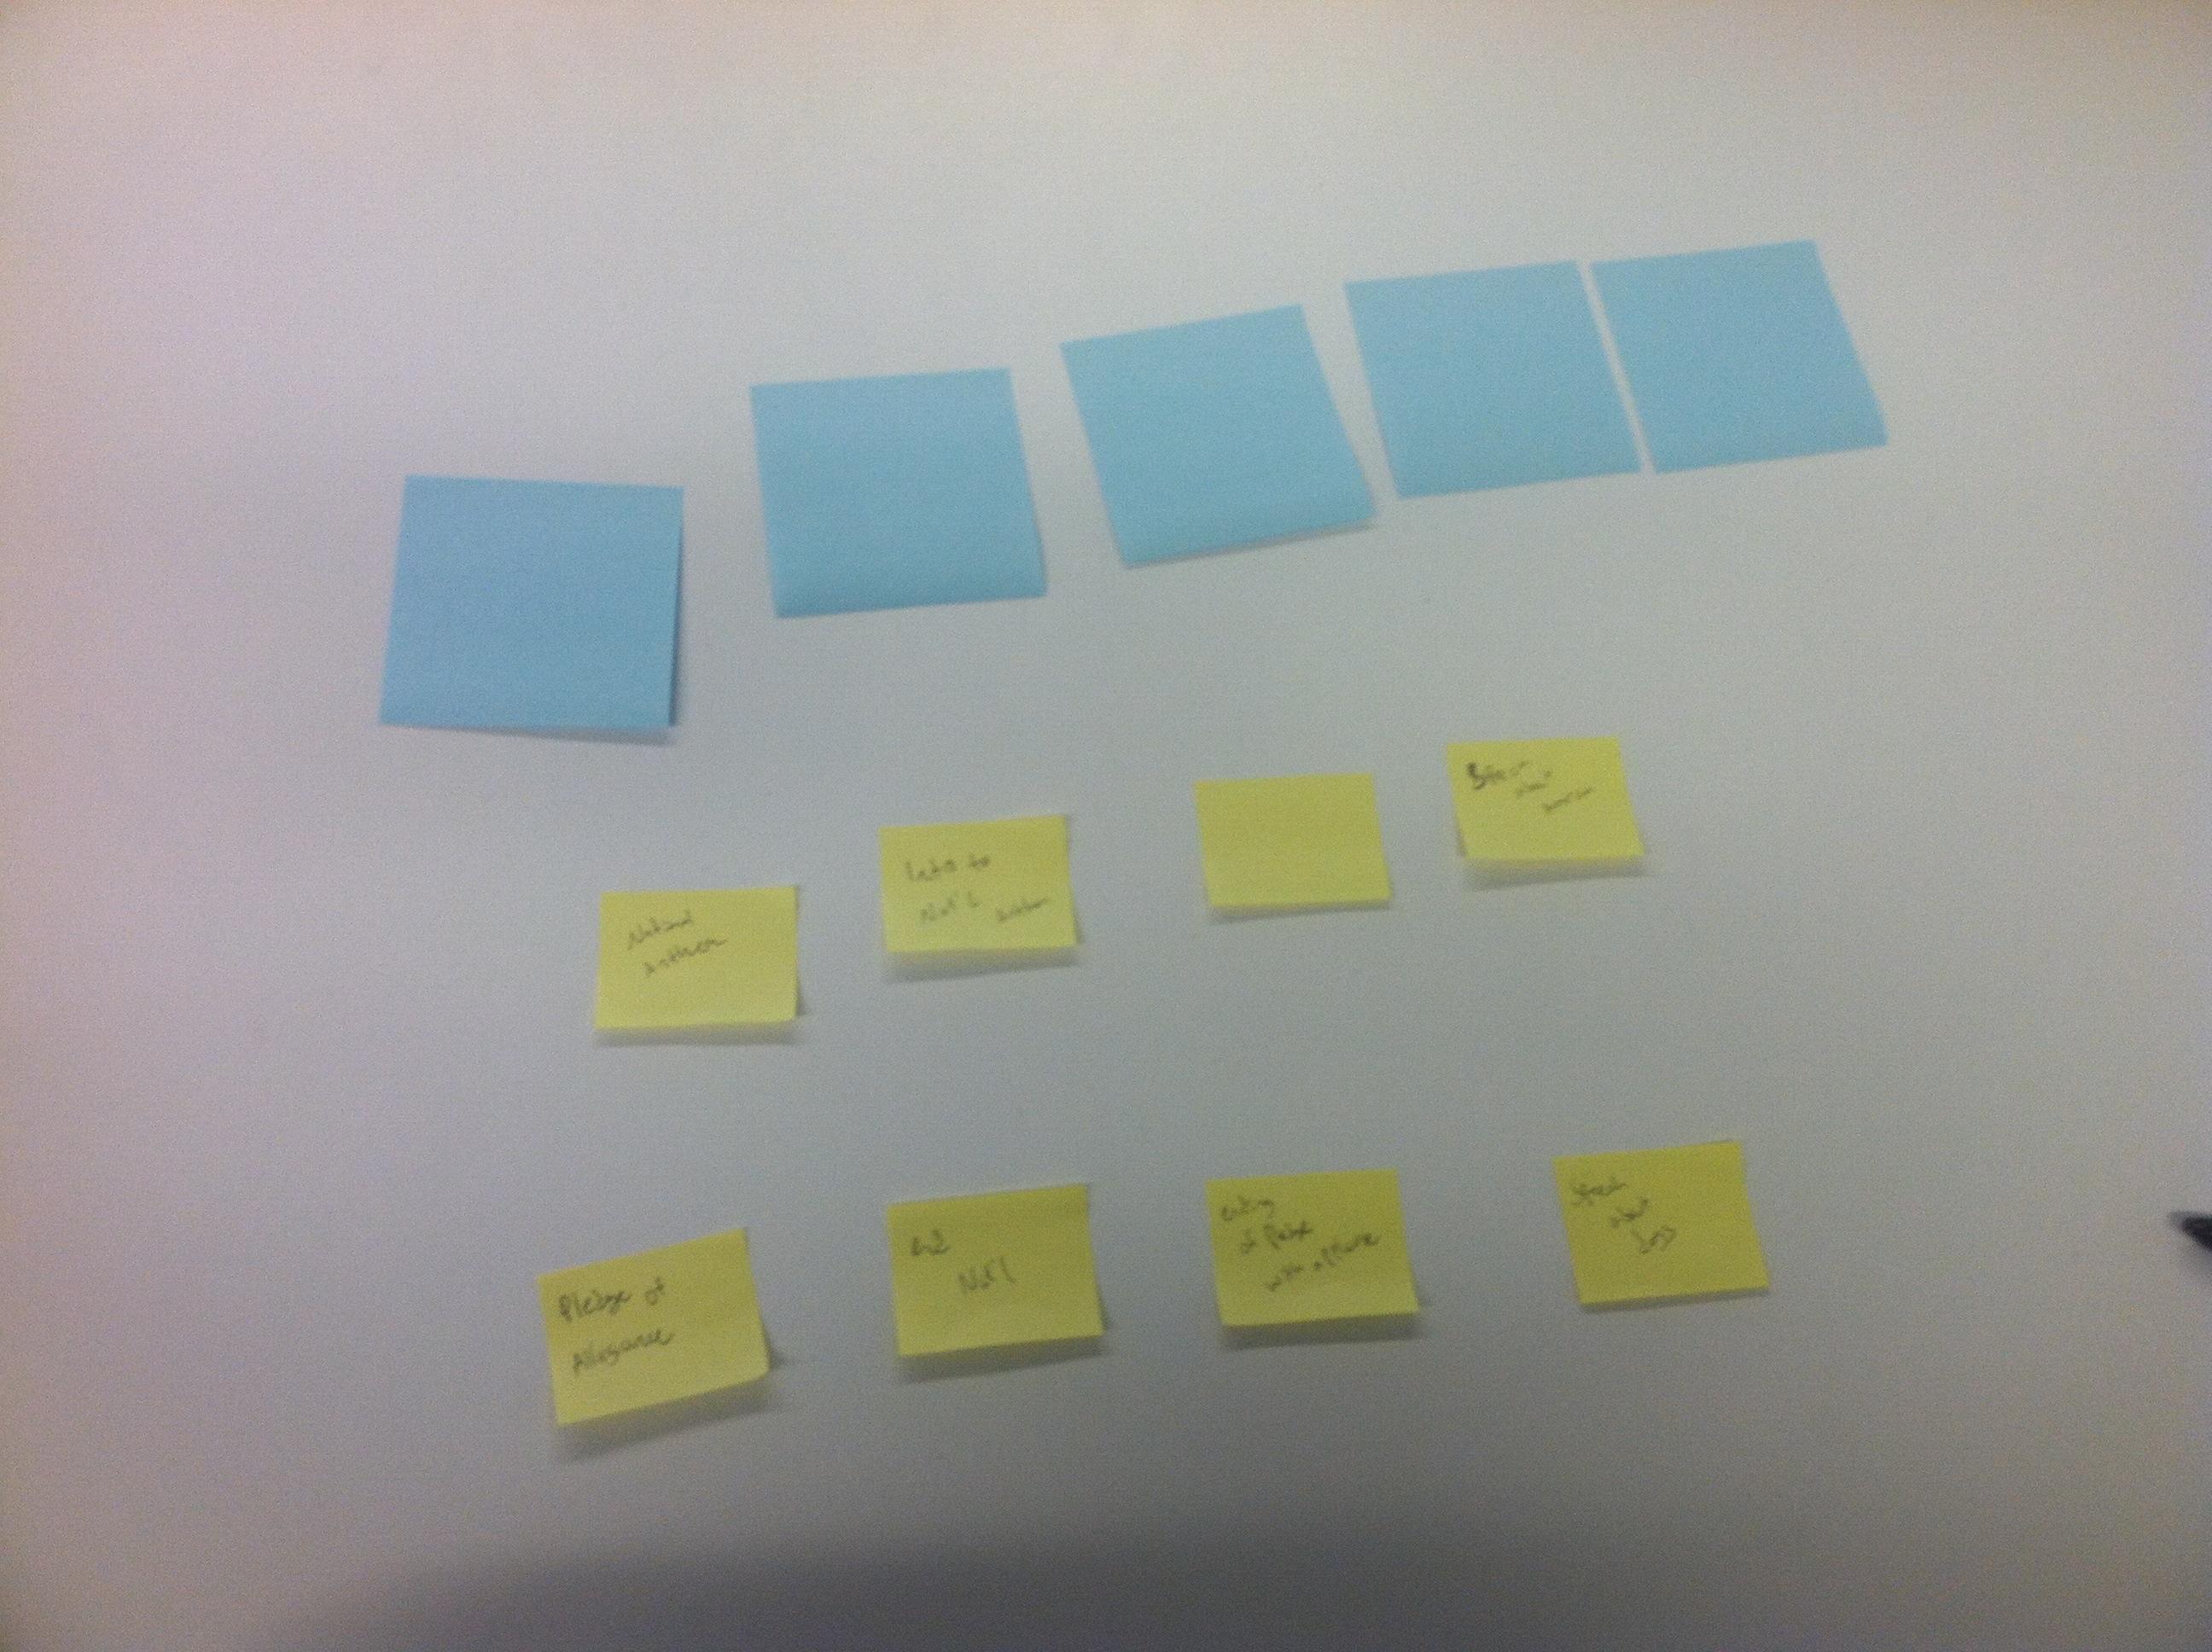 Sticky Note Brainstorm Session